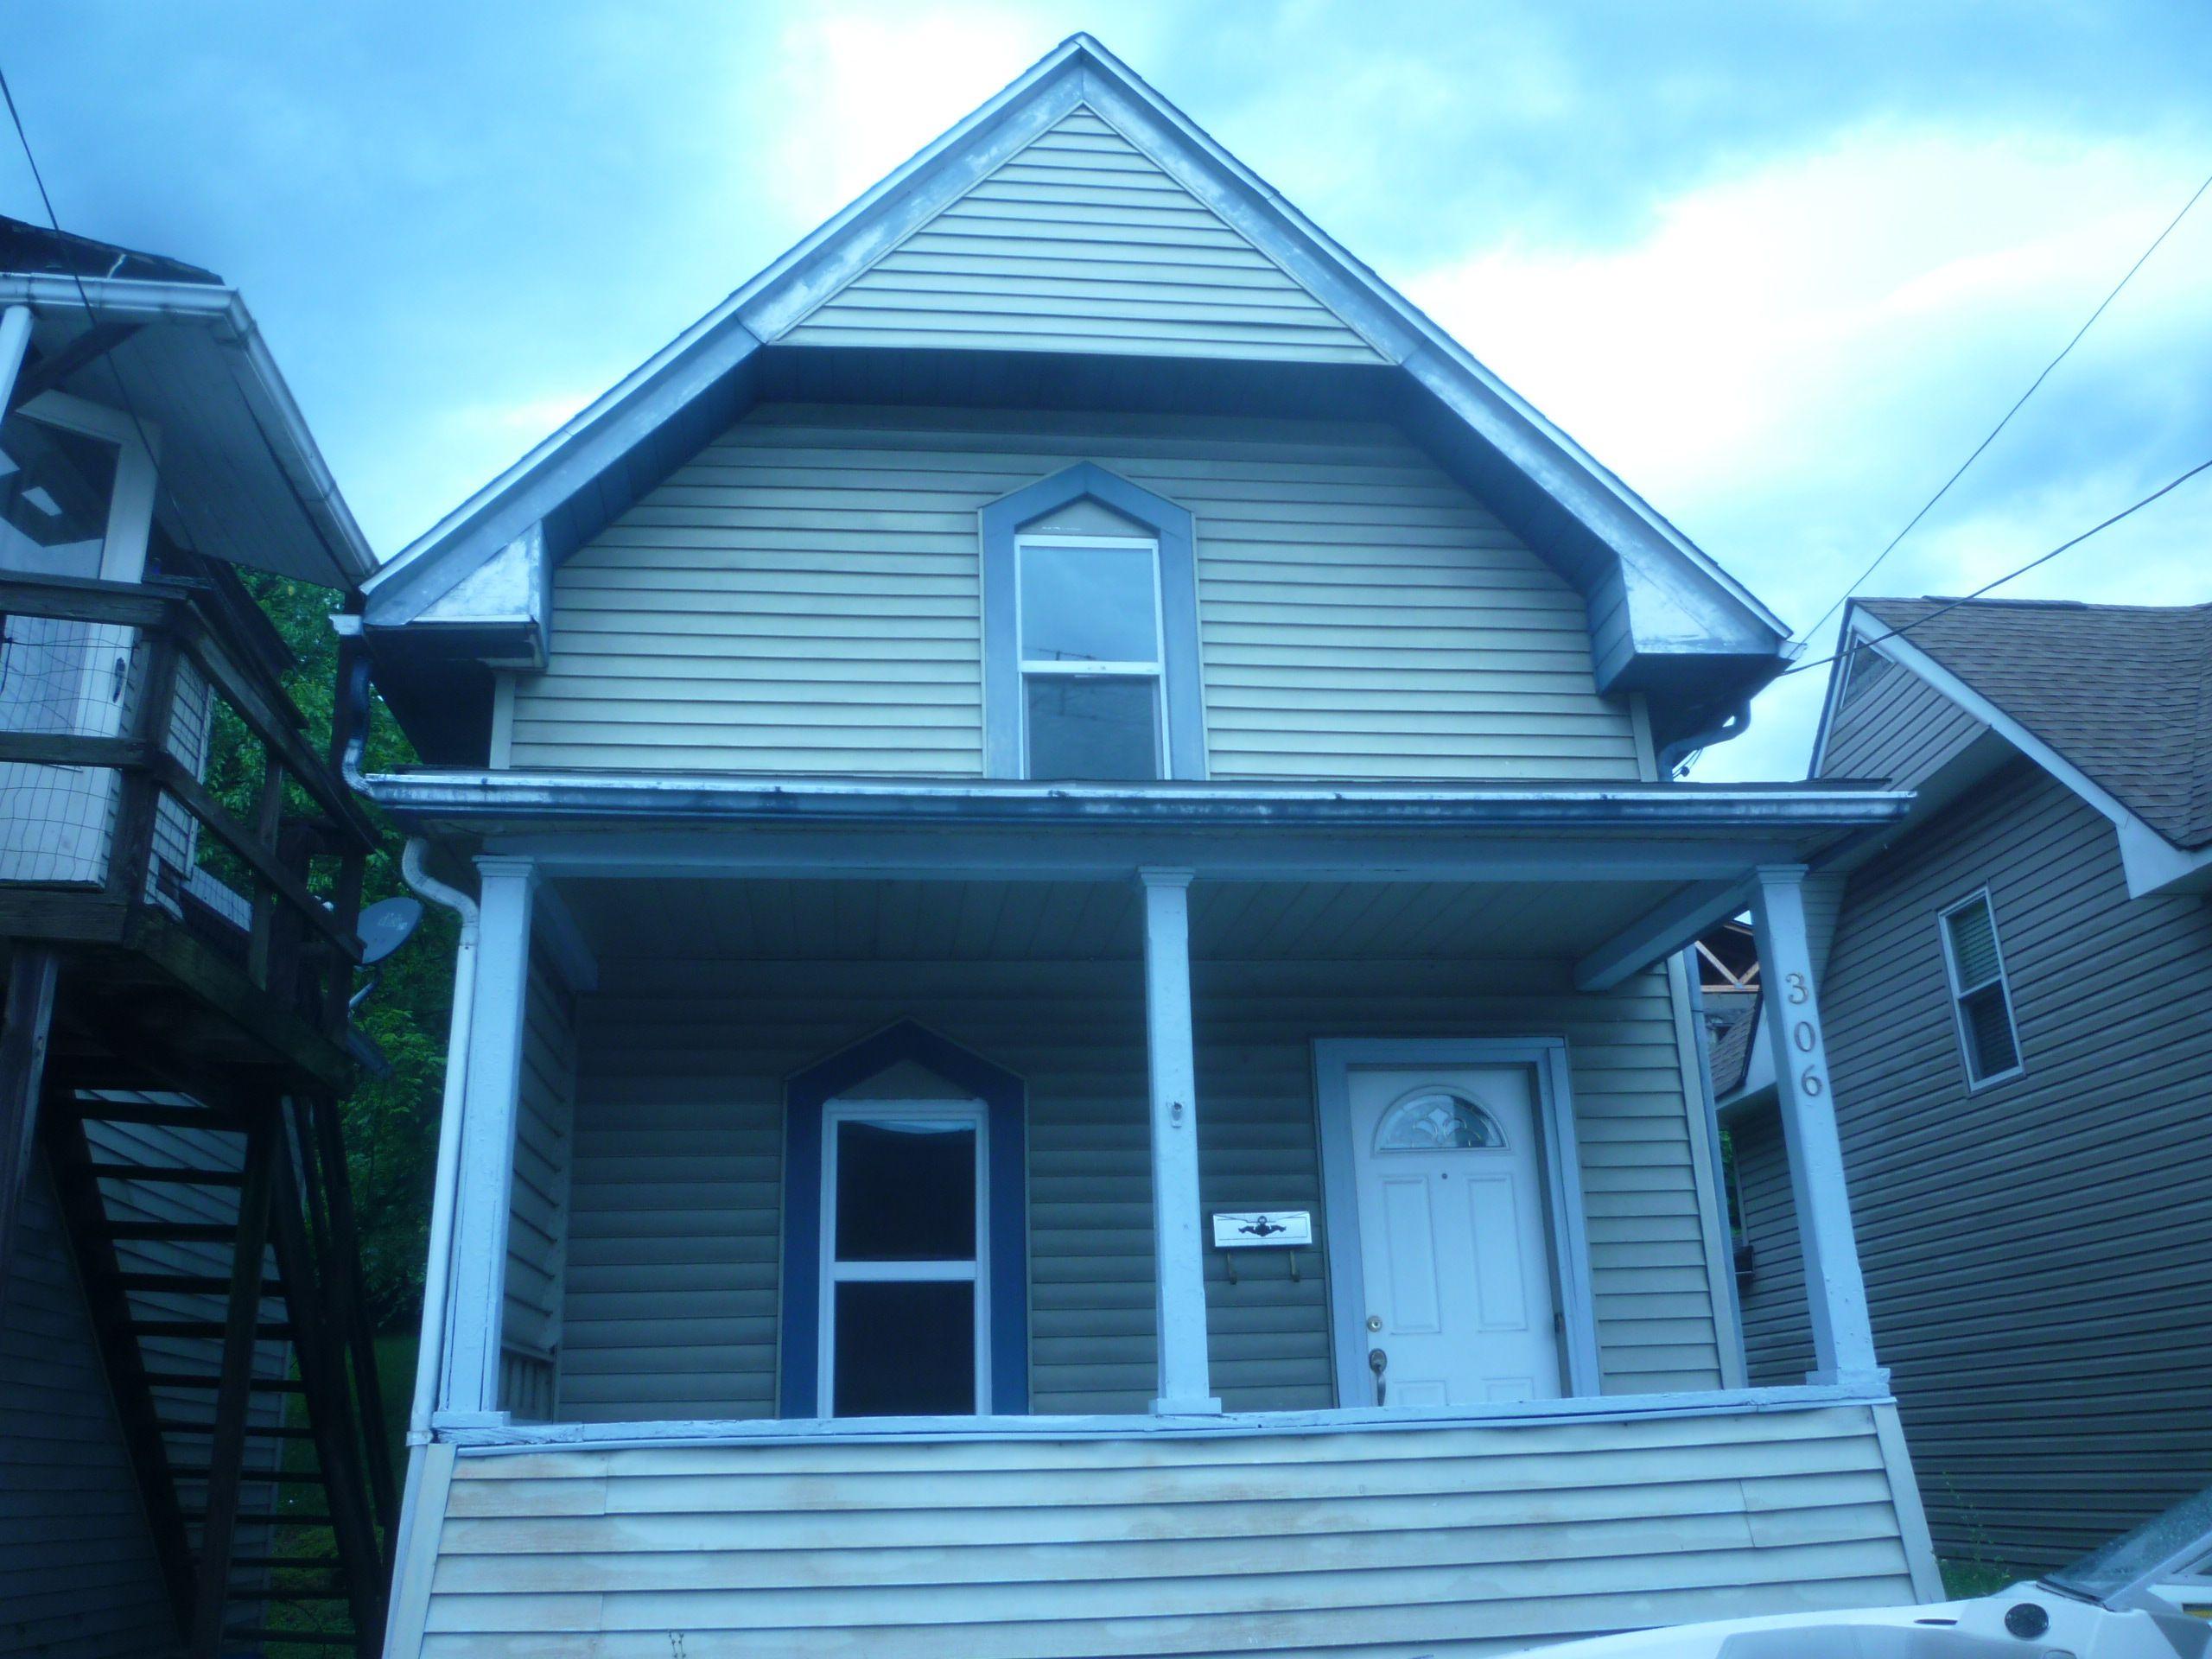 306 Laredo St (Image - 1)